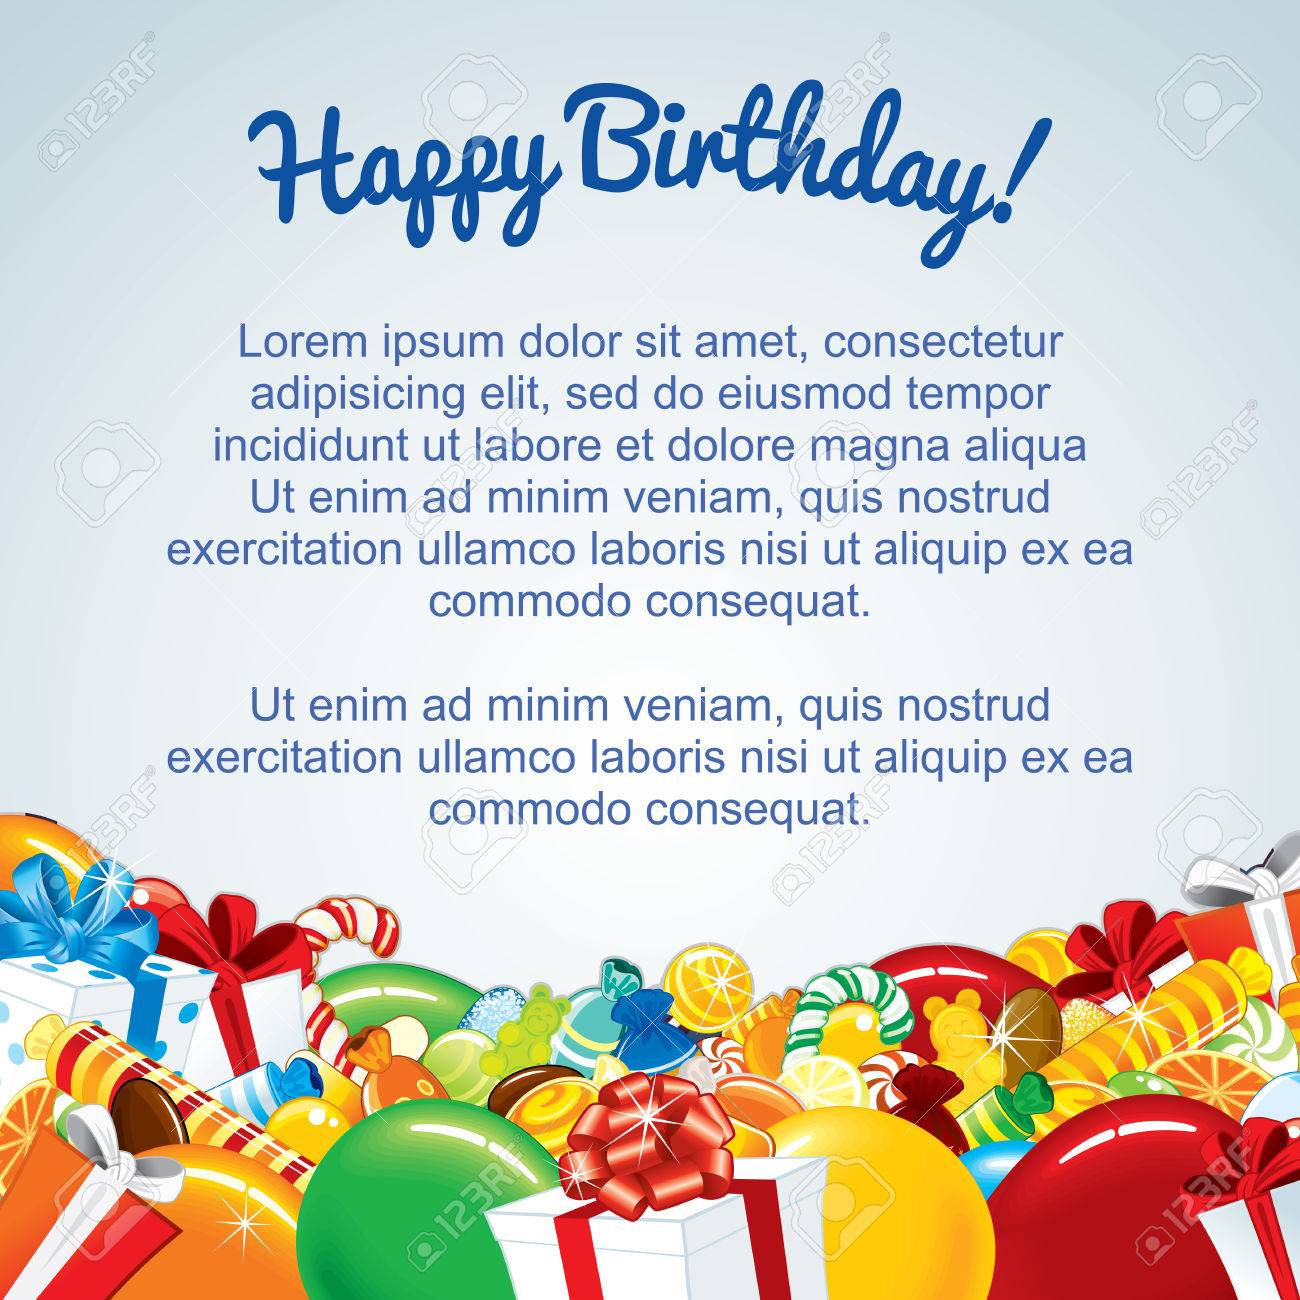 1 Gluckwunschkarte Zum Geburtstag Karte